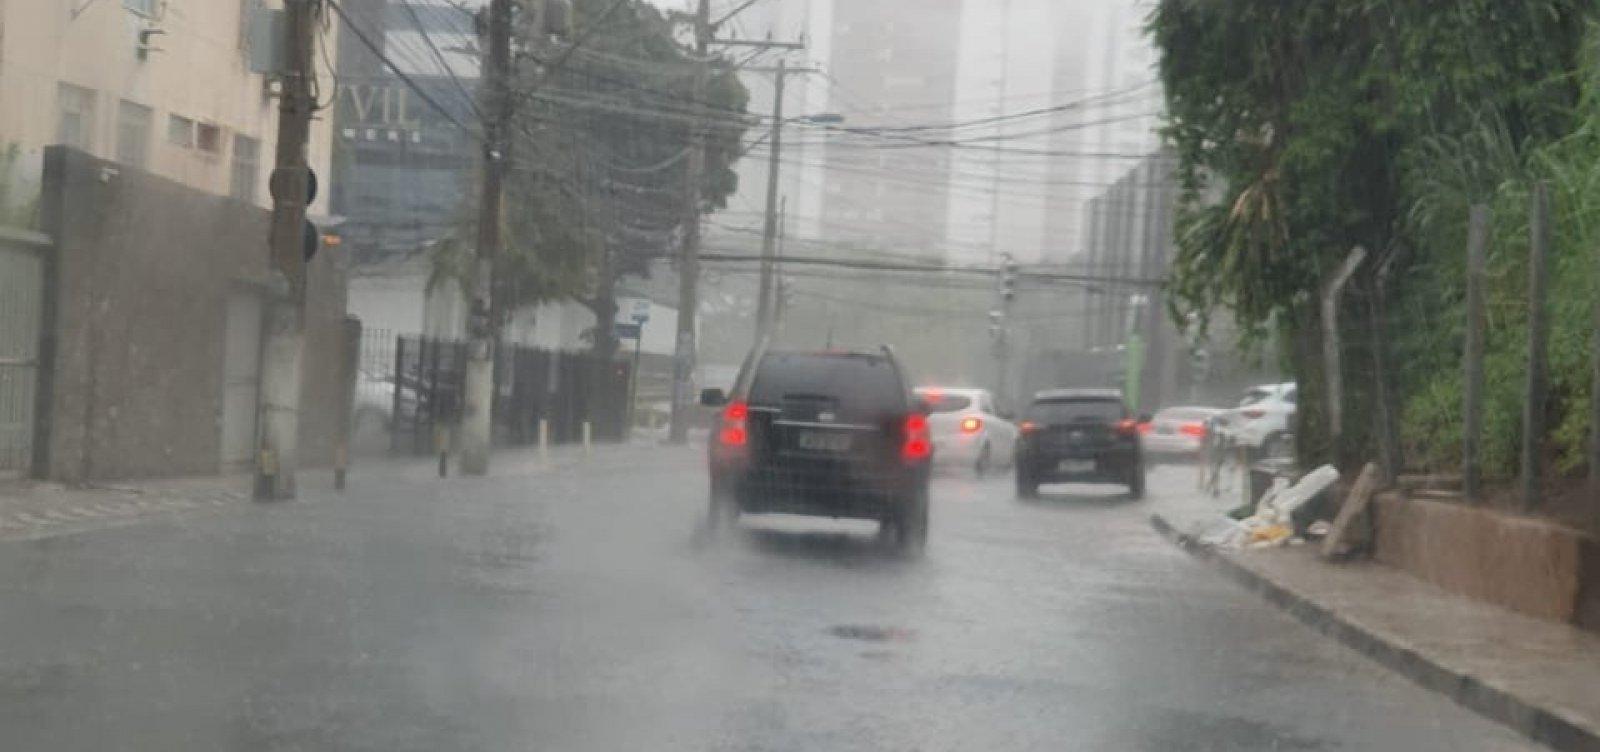 [Defesa Civil: número de ocorrências ultrapassa 1.000 chamadas em Salvador]